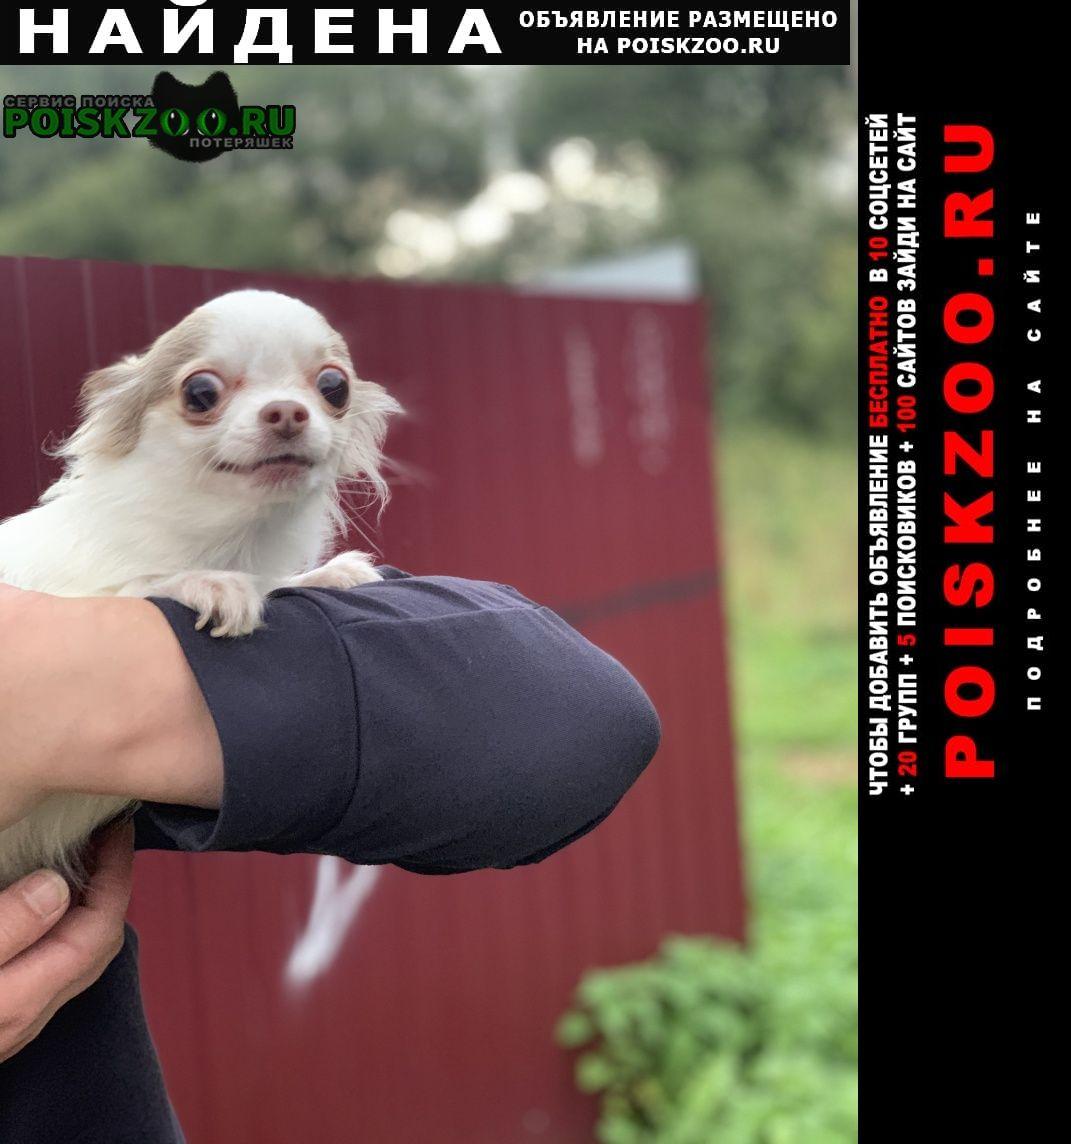 Найдена собака в истре Истра